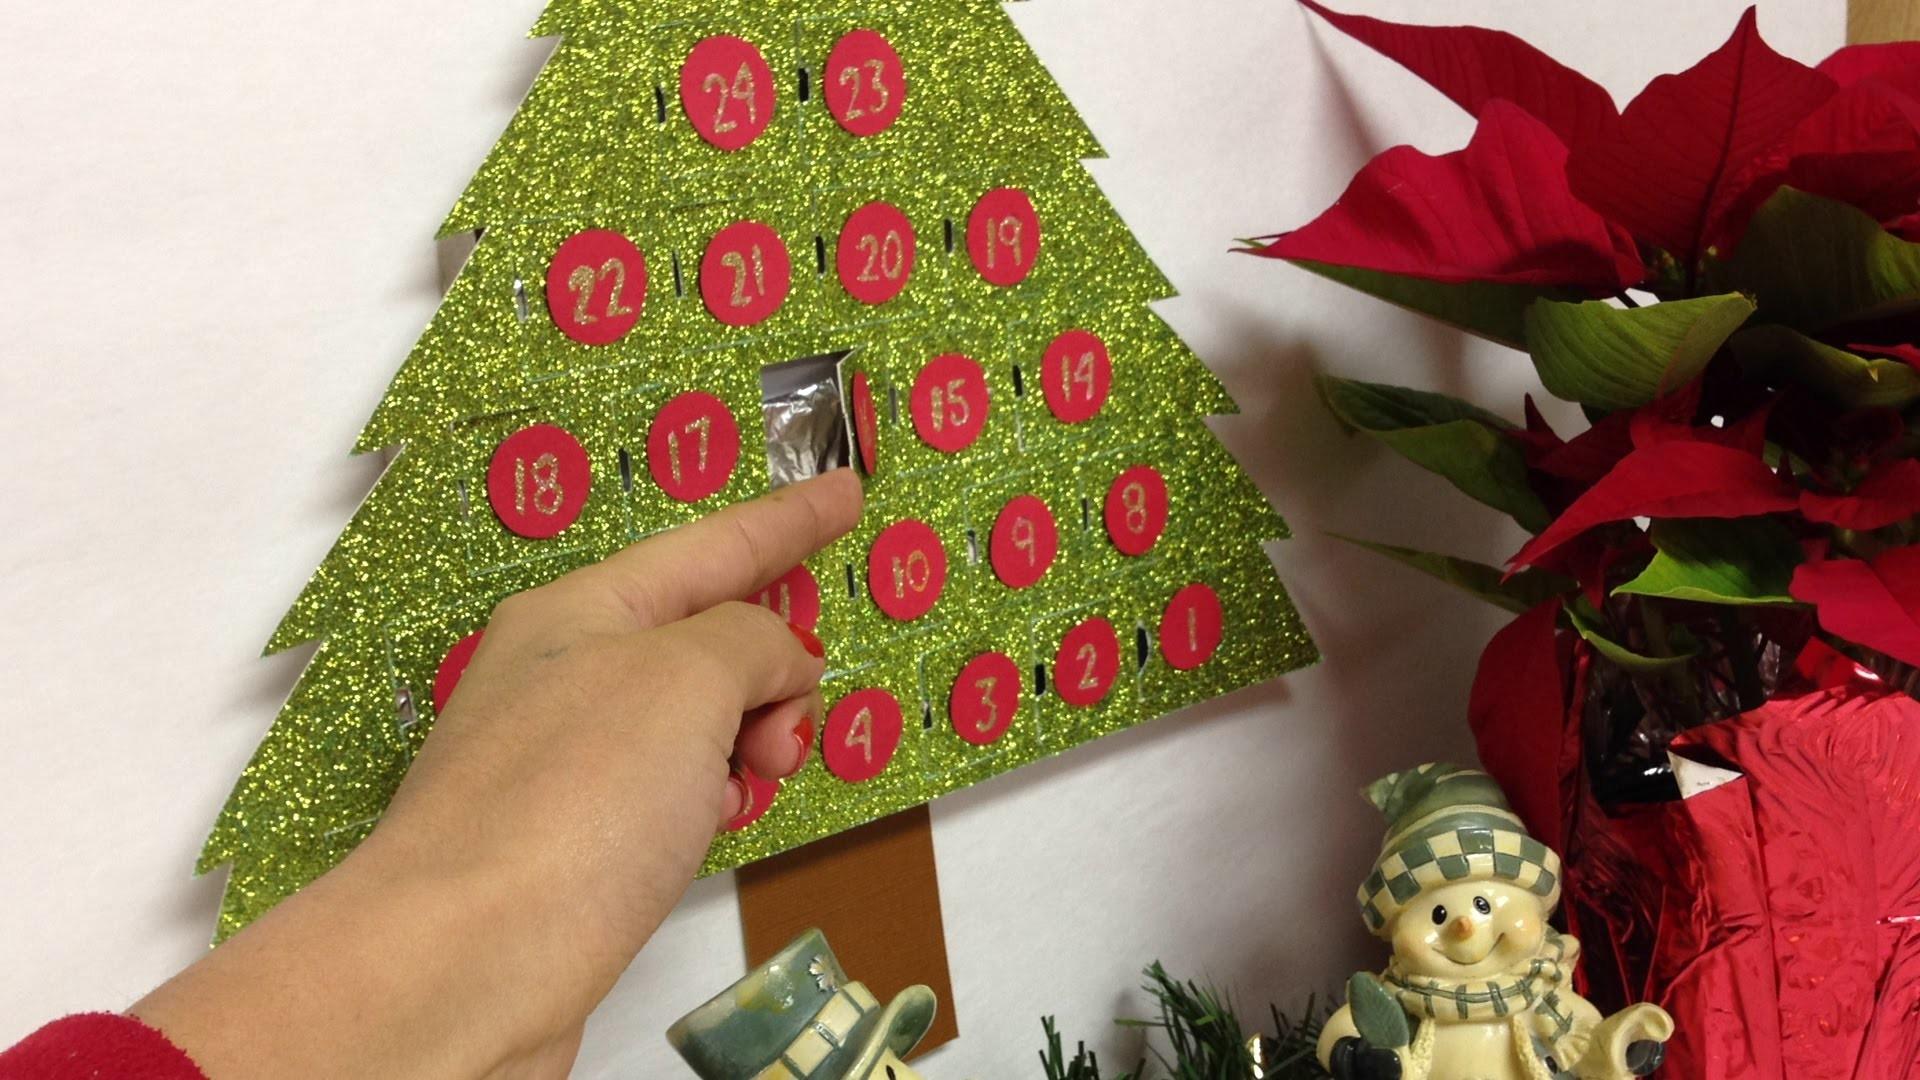 Calendario de navidad(regalo) con chocolates dentro